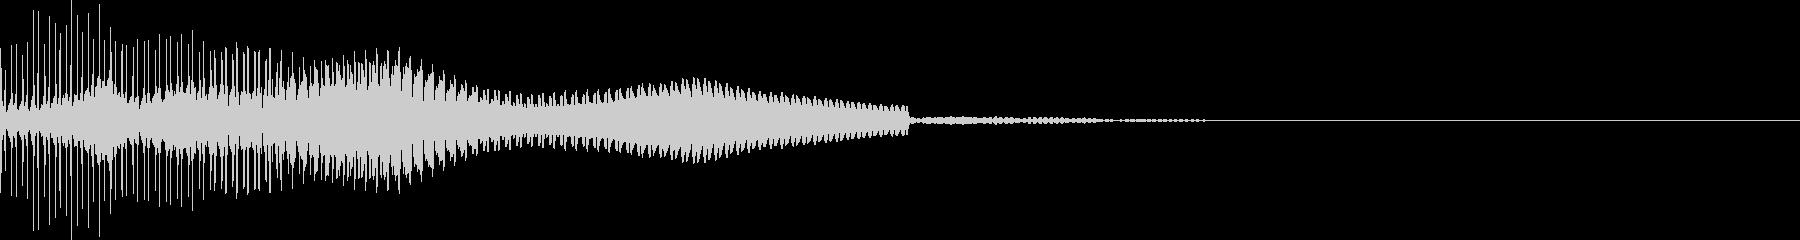 恐怖演出(ホラゲー・ノイズ有り)2の未再生の波形